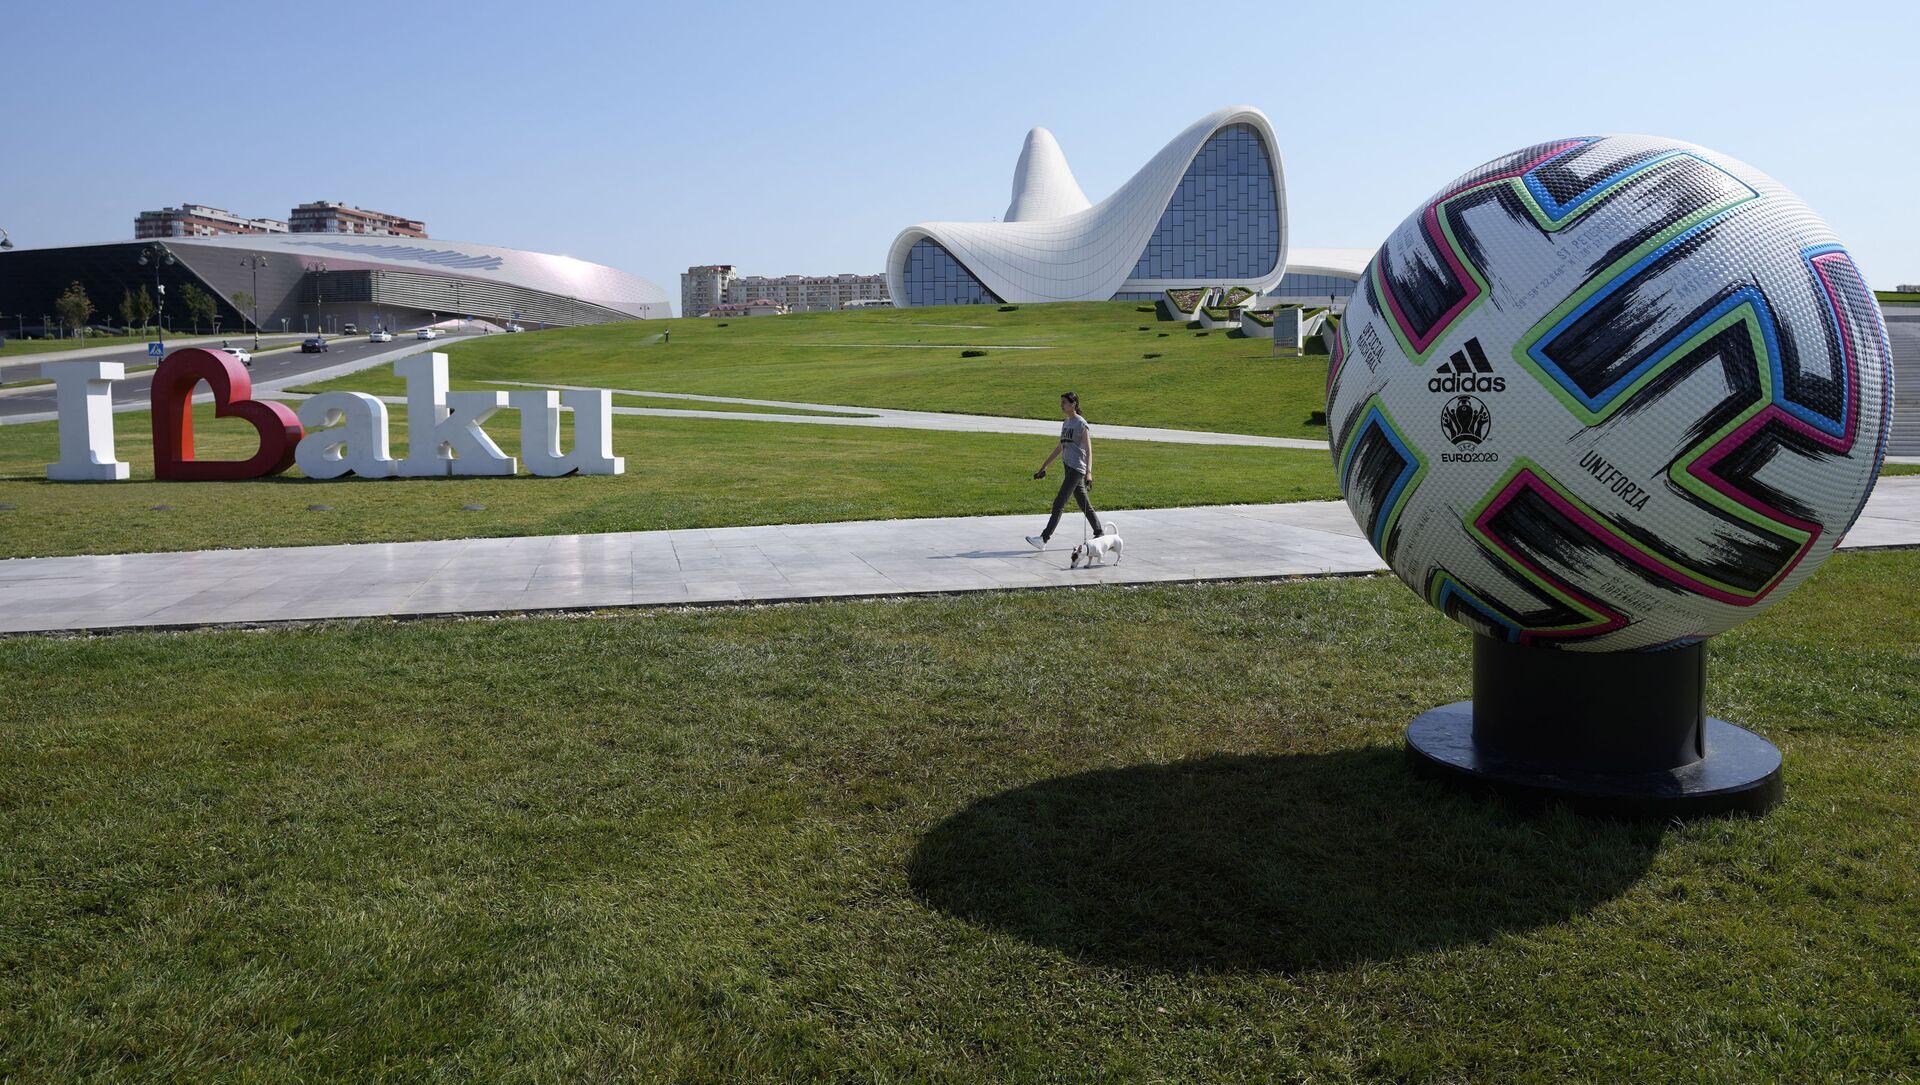 Мужчина проходит рядом с официальным мячом, чемпионата Европы по футболу, фото из архива - Sputnik Азербайджан, 1920, 10.06.2021